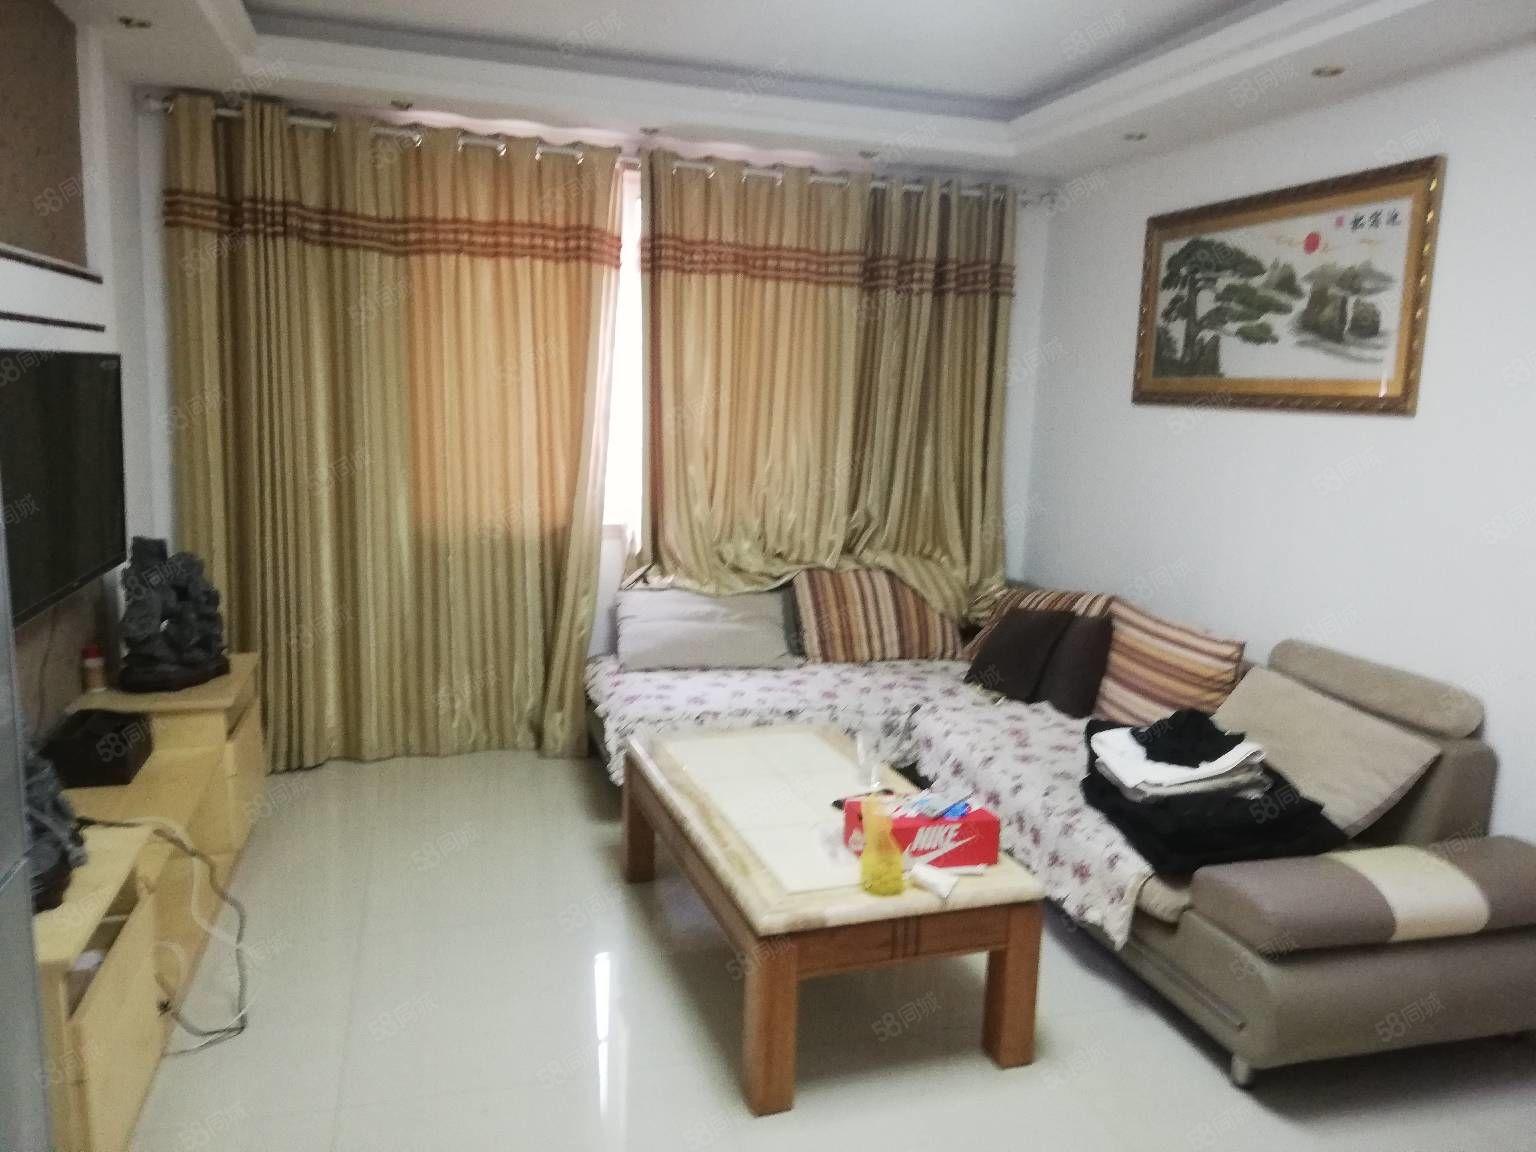 万象城新出的出租房,家具家电全配可以随时看房,现在等着对外租